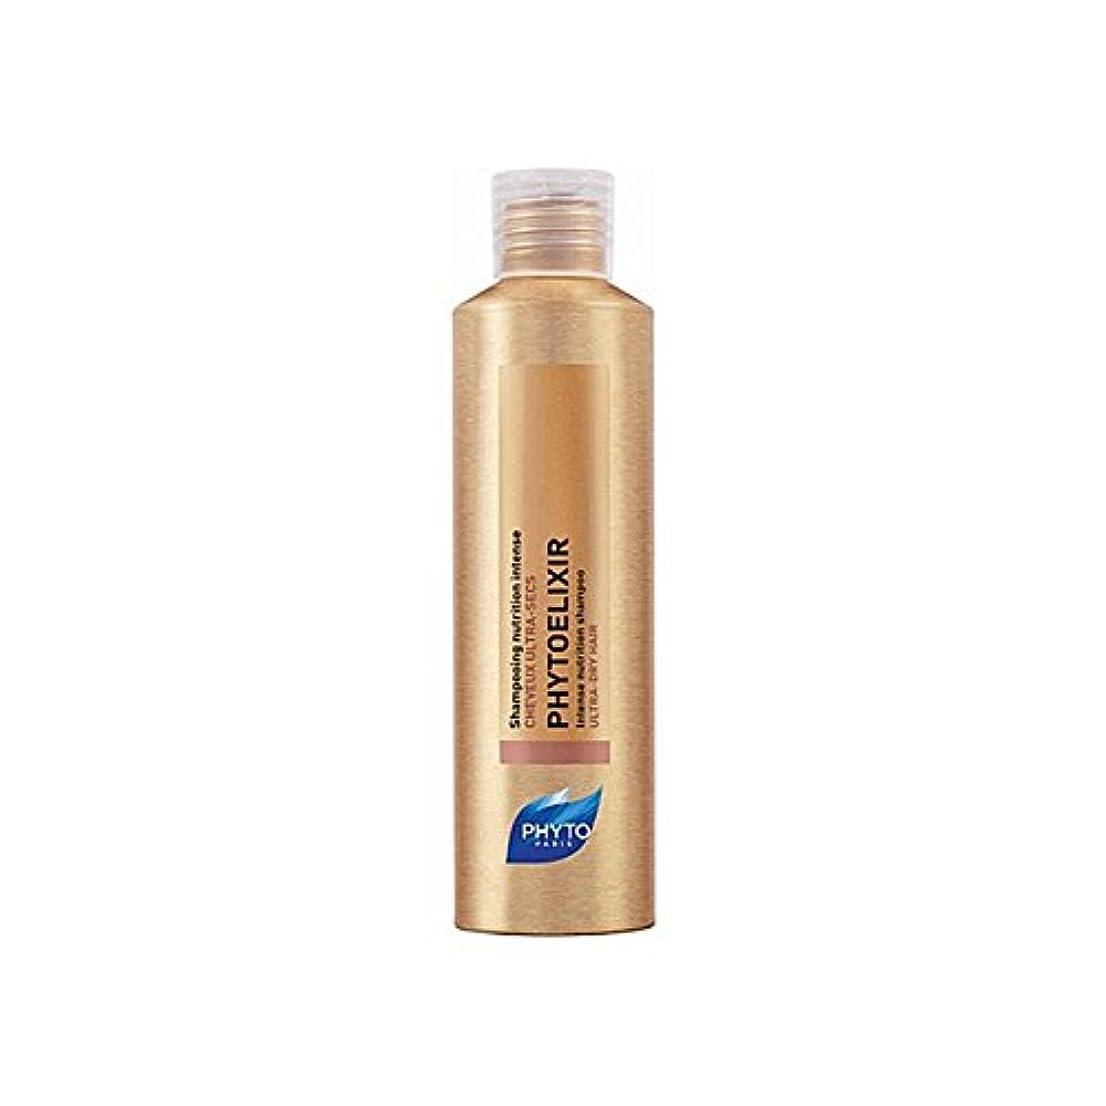 お互い貢献するジャグリングフィトの強烈な栄養シャンプー x2 - Phyto Phytoelixir Intense Nutrition Shampoo (Pack of 2) [並行輸入品]